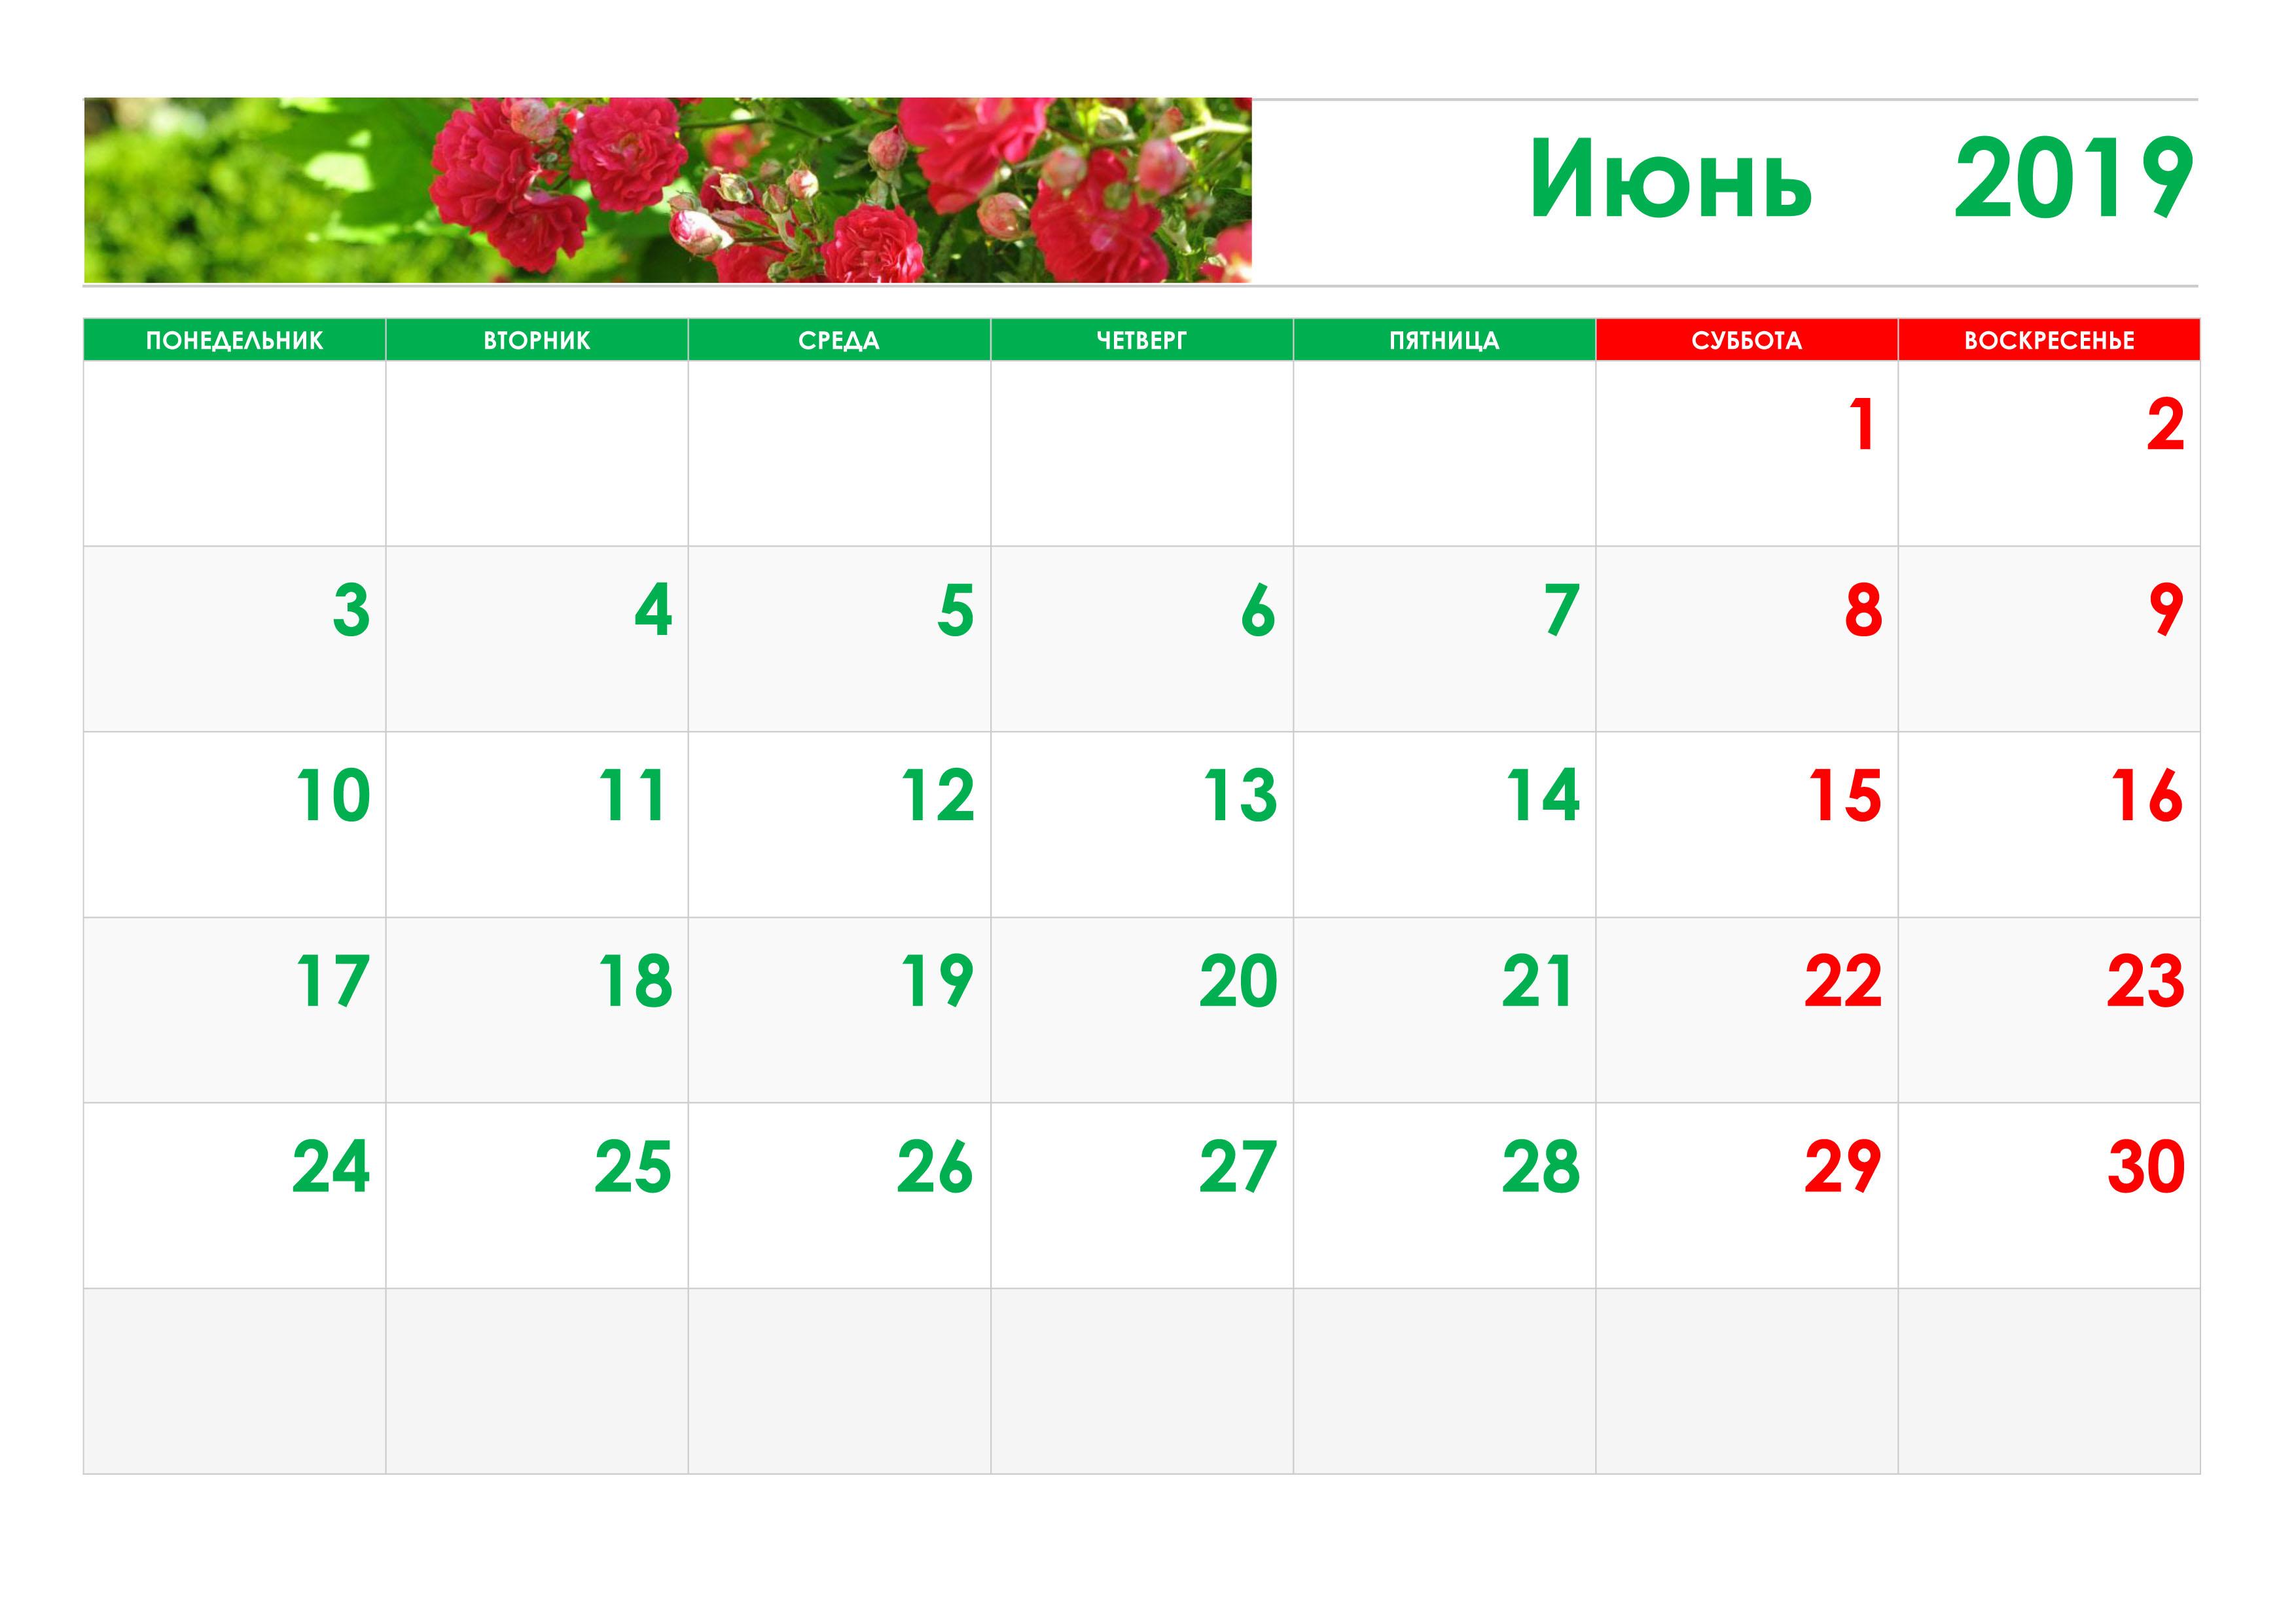 Выходные и праздники в июне 2019 года в России календарь фото